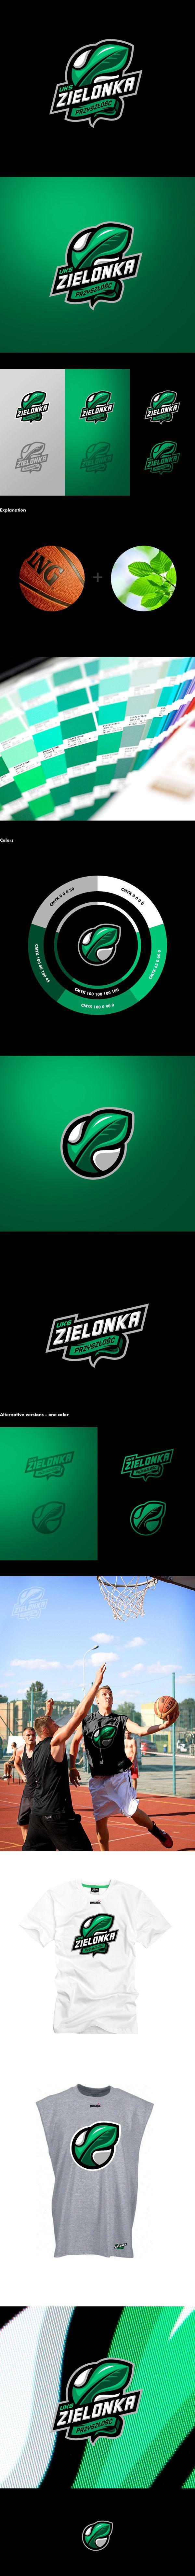 UKS Zielonka Przyszłość by Kamil Doliwa, via Behance